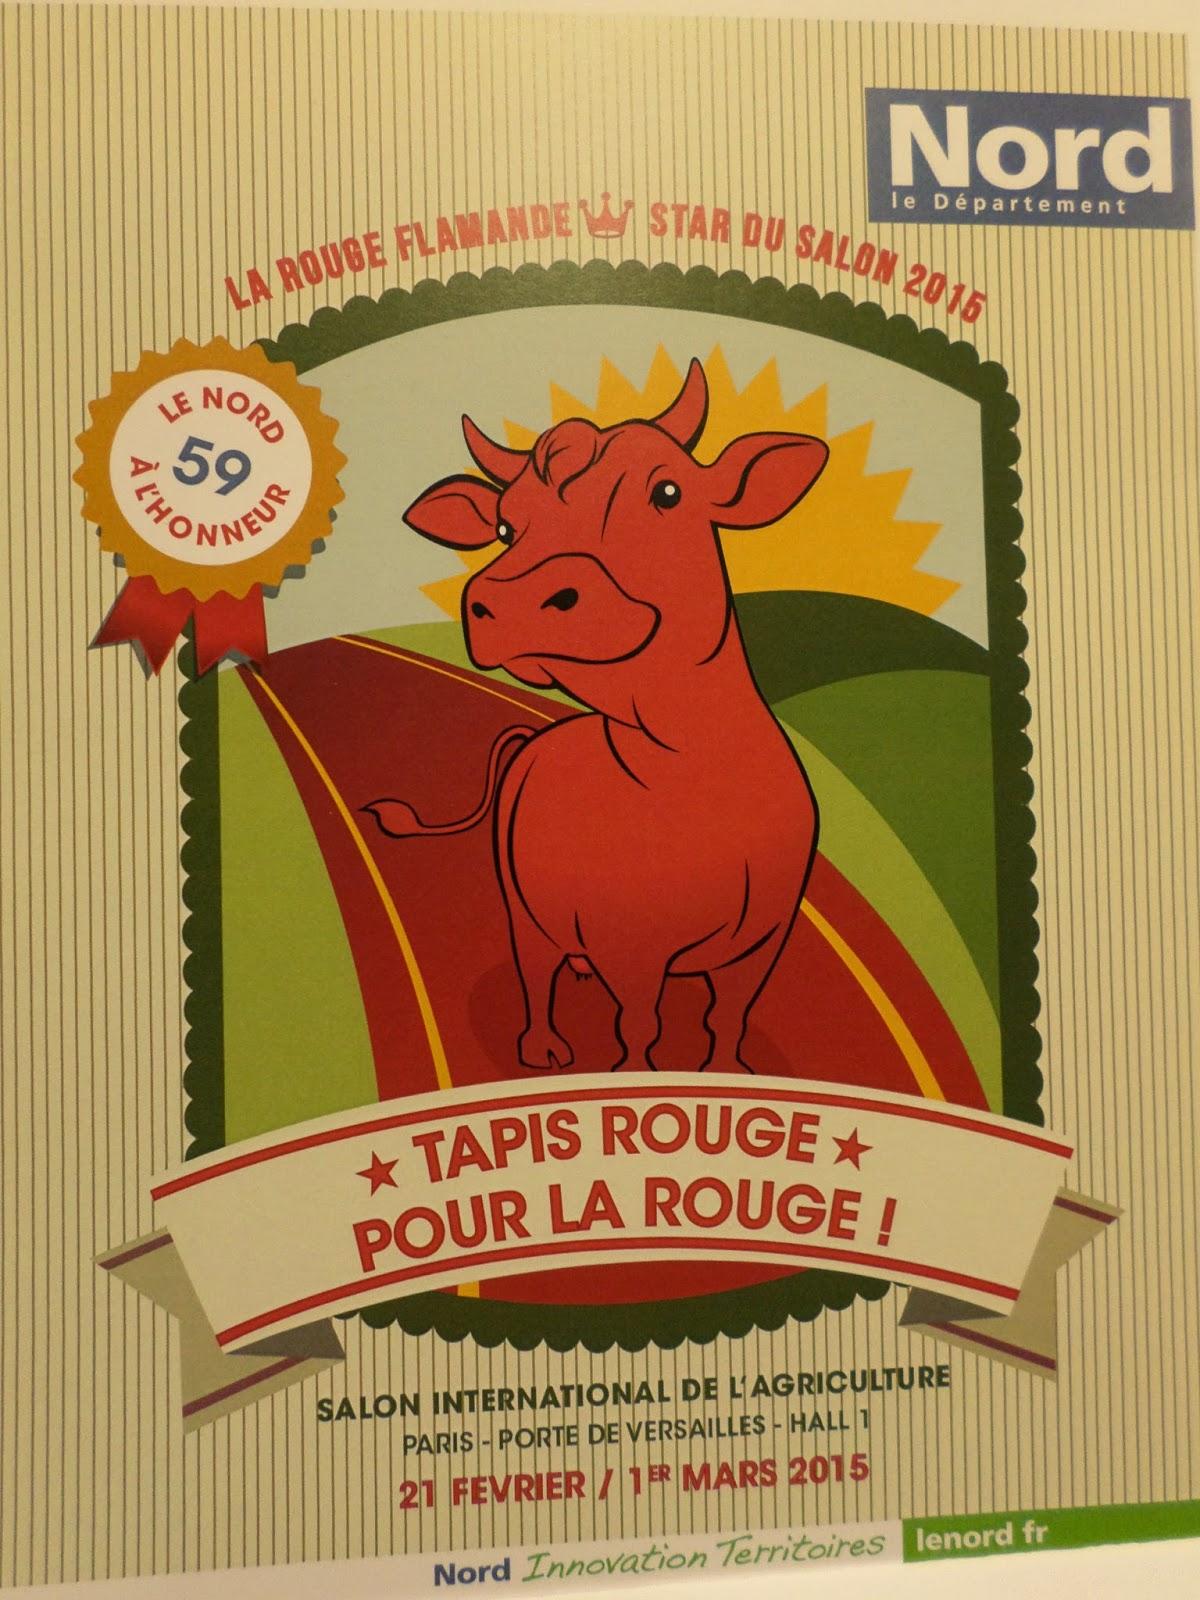 Genech dure et marion au salon 2015 01 11 - Salon agriculture paris 2015 ...